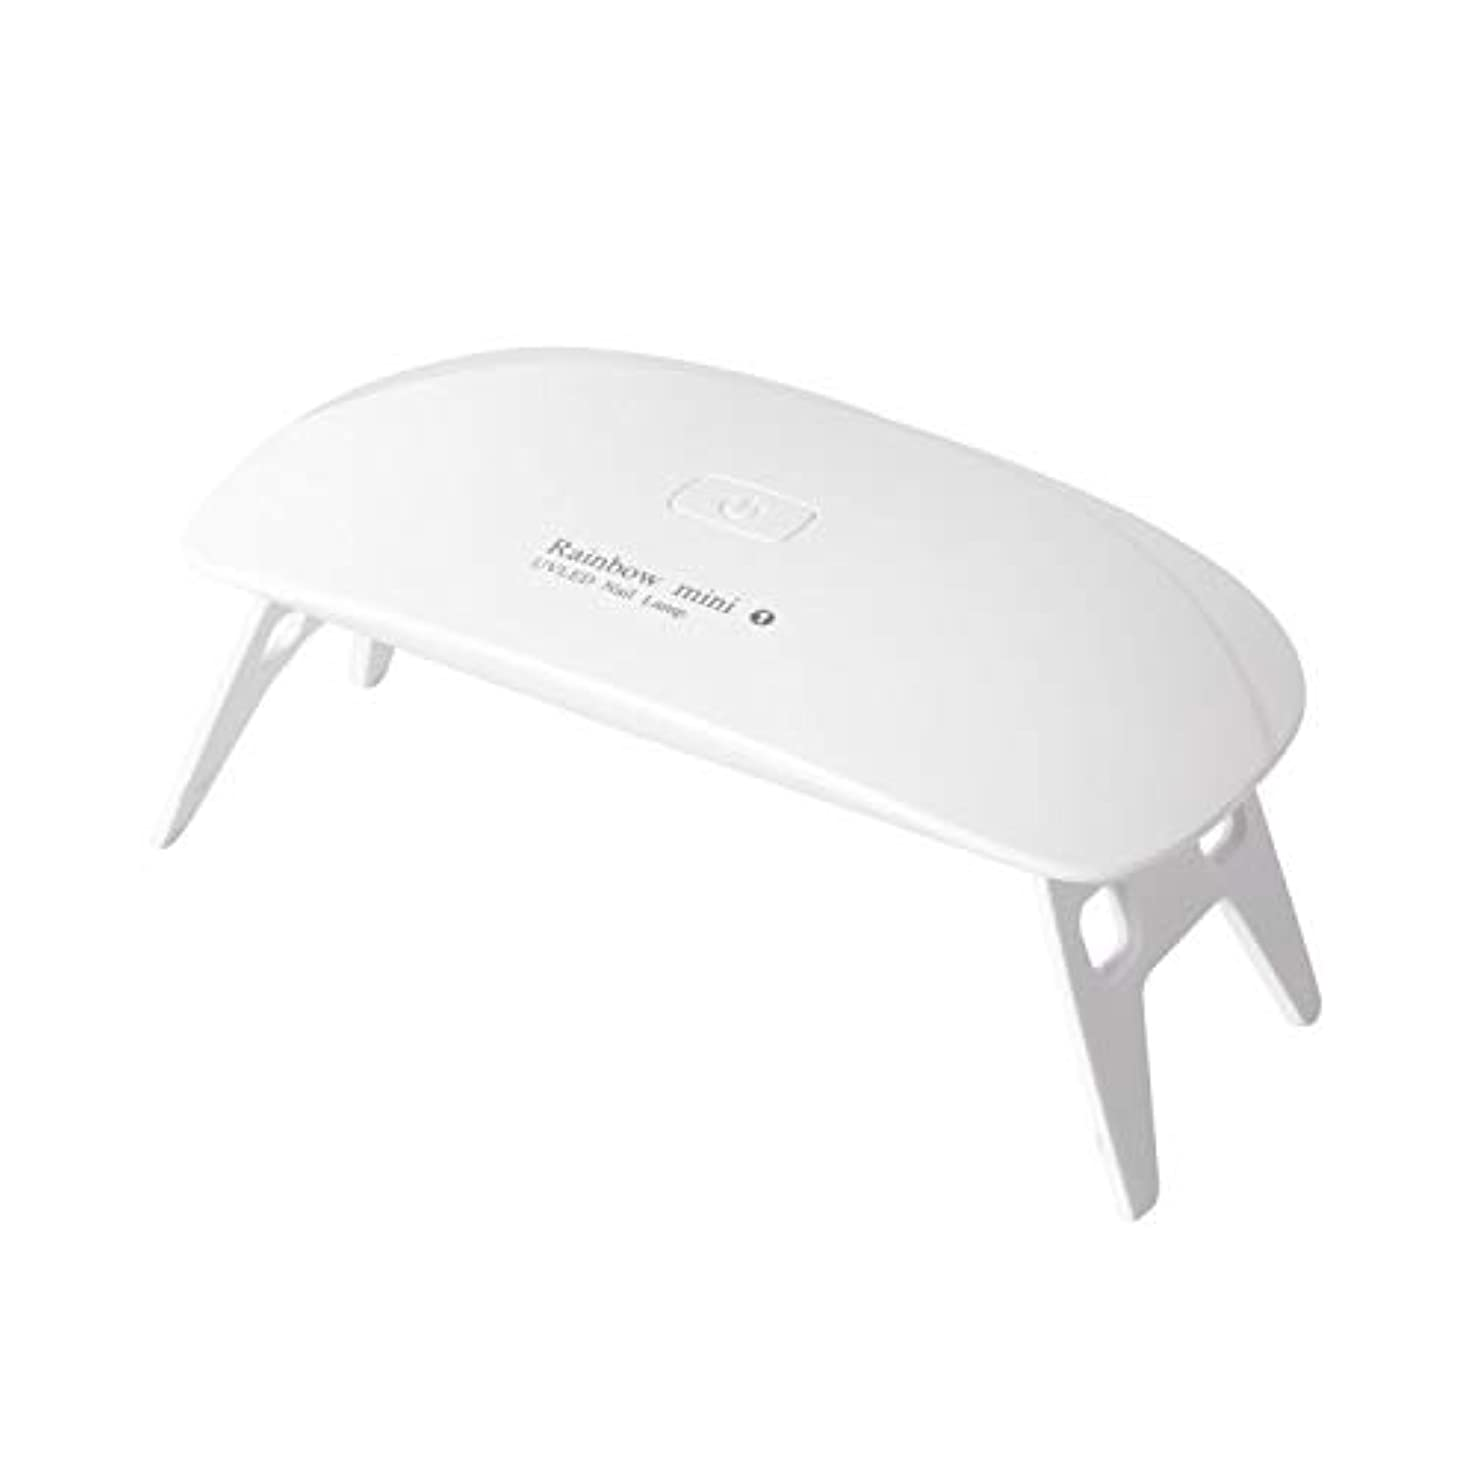 スピーチ事業単調なLEDネイルドライヤーAmoVee UVライト 硬化ライト タイマー設定可能 UV と LEDダブルライト 折りたたみ式 ジェルネイル用 携帯用 ホワイト